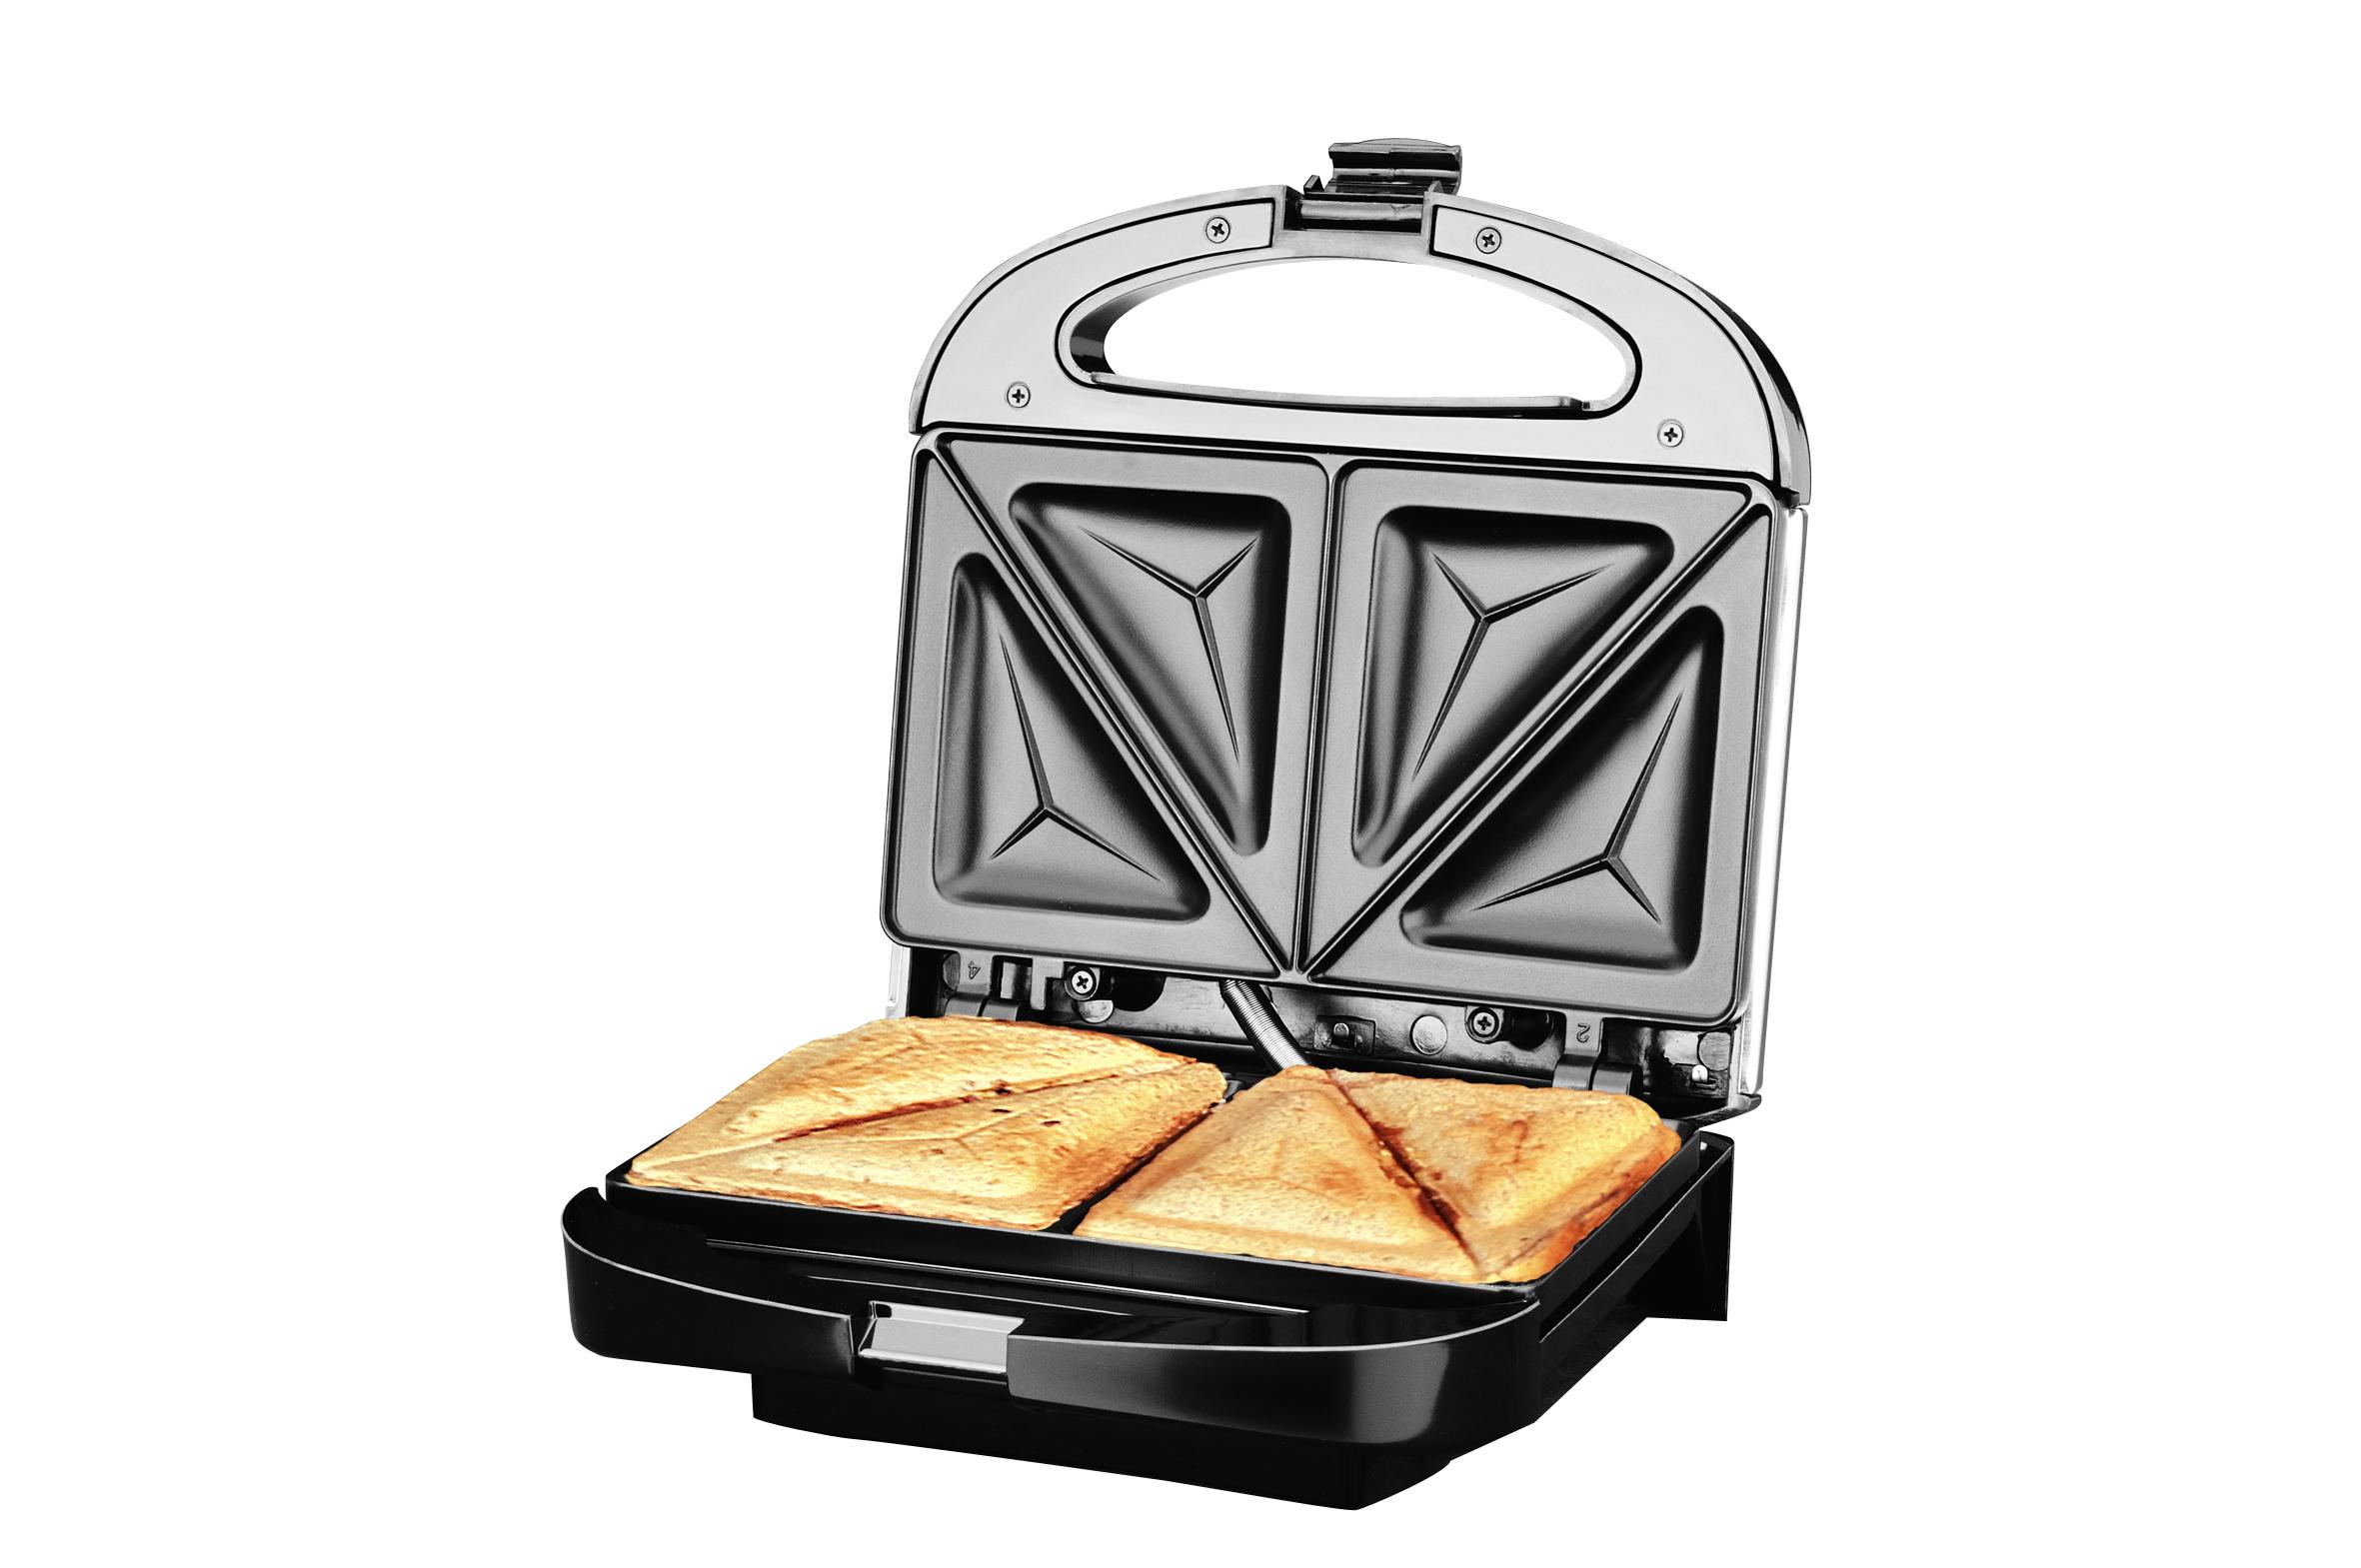 gastroback sandwich pro sandwichmaker aus der design liga. Black Bedroom Furniture Sets. Home Design Ideas